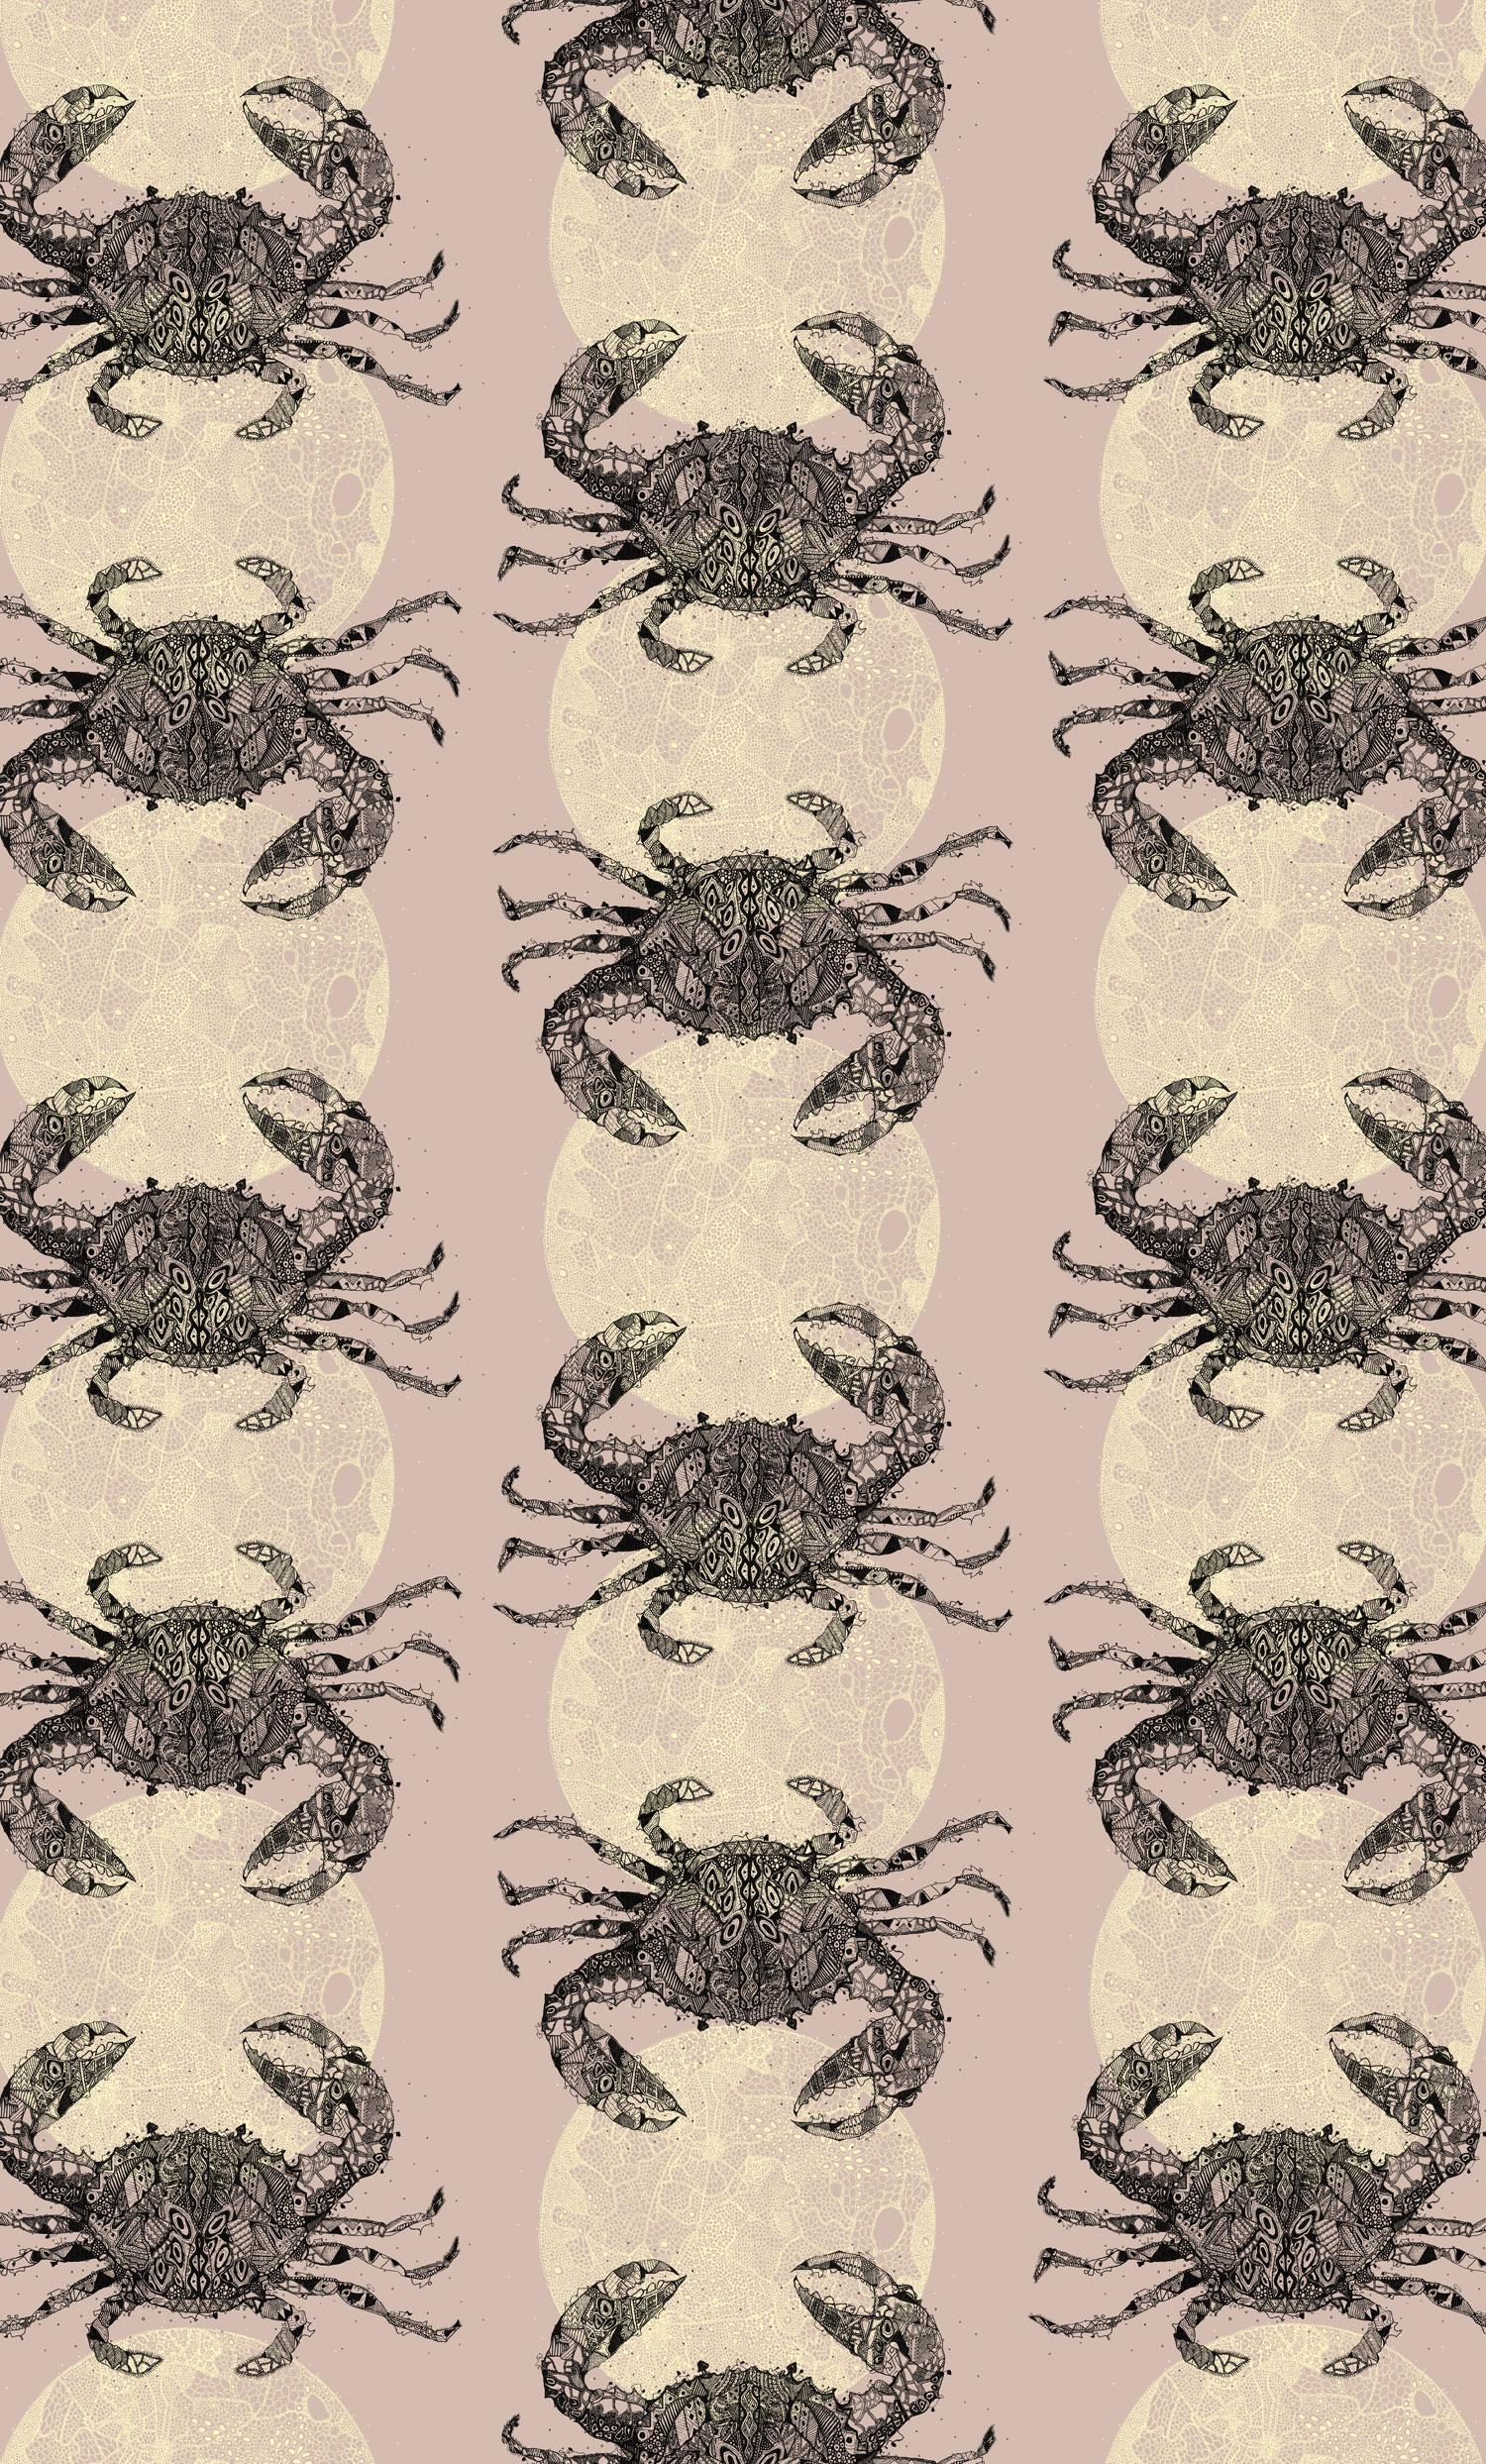 crab_wallpaper_roseyellowblack.jpg